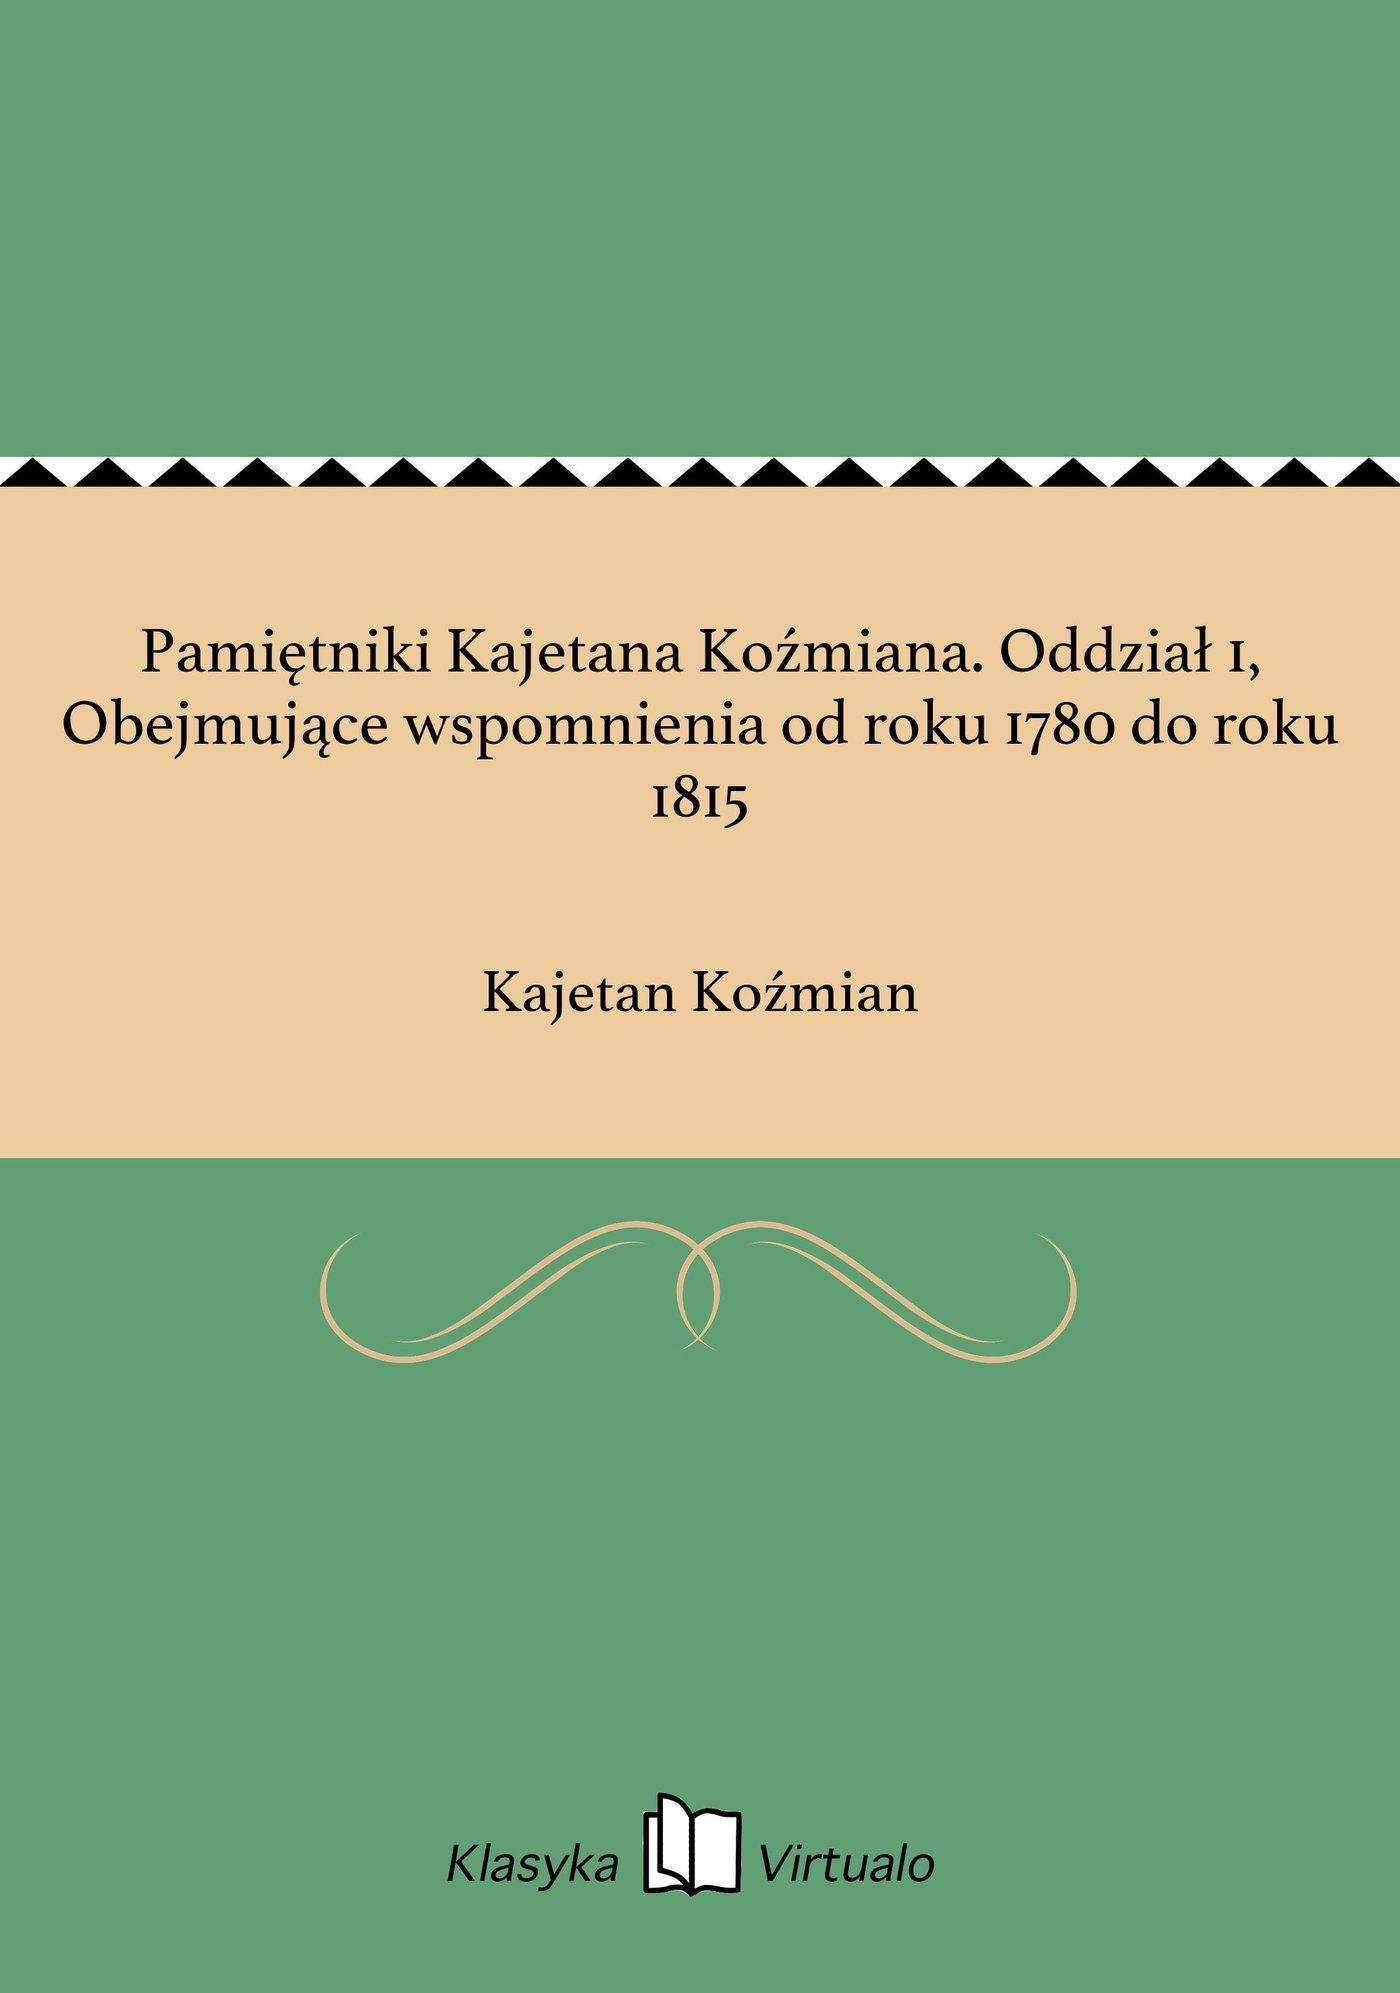 Pamiętniki Kajetana Koźmiana. Oddział 1, Obejmujące wspomnienia od roku 1780 do roku 1815 - Ebook (Książka EPUB) do pobrania w formacie EPUB